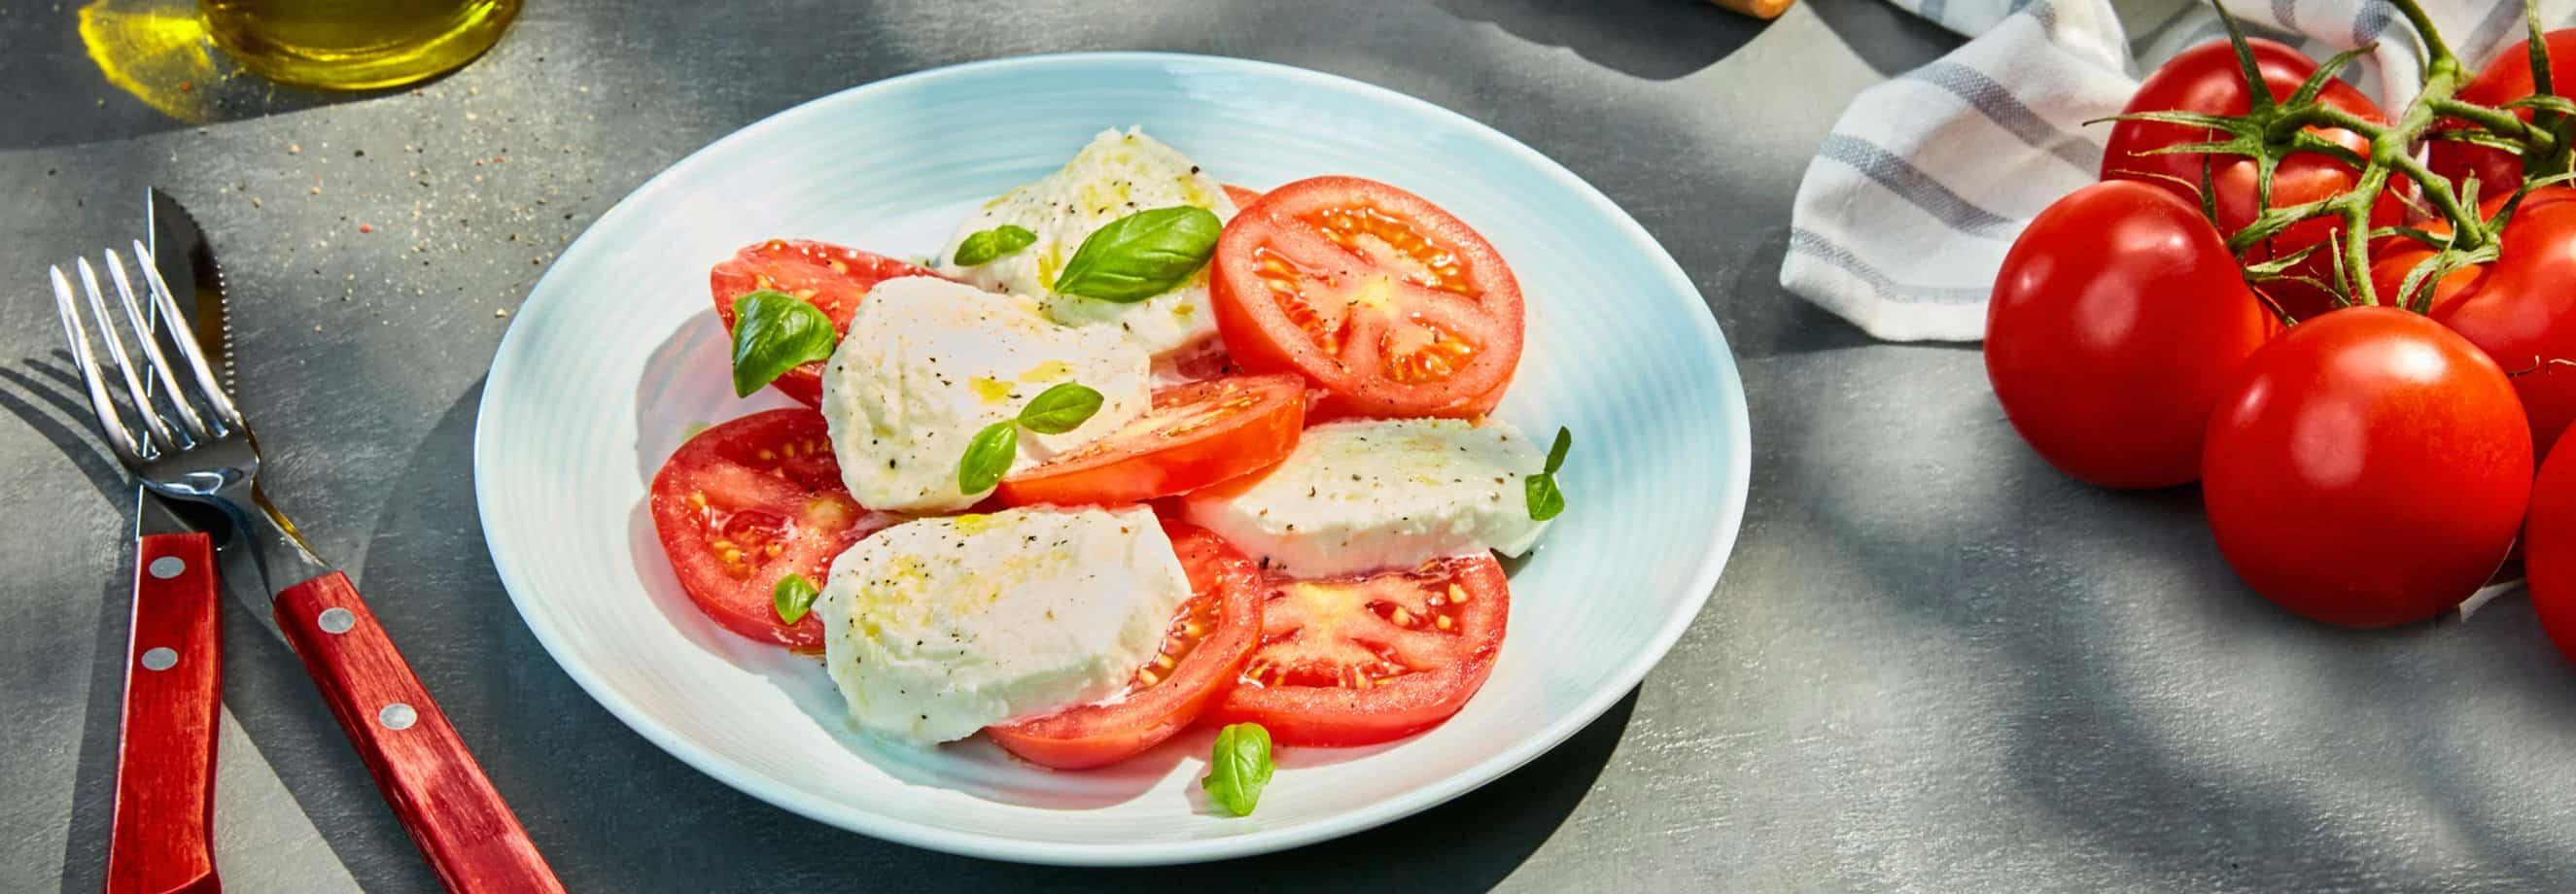 Peut-on Manger De La Mozzarella Lorsque L'on Est Enceinte ? - Galbani